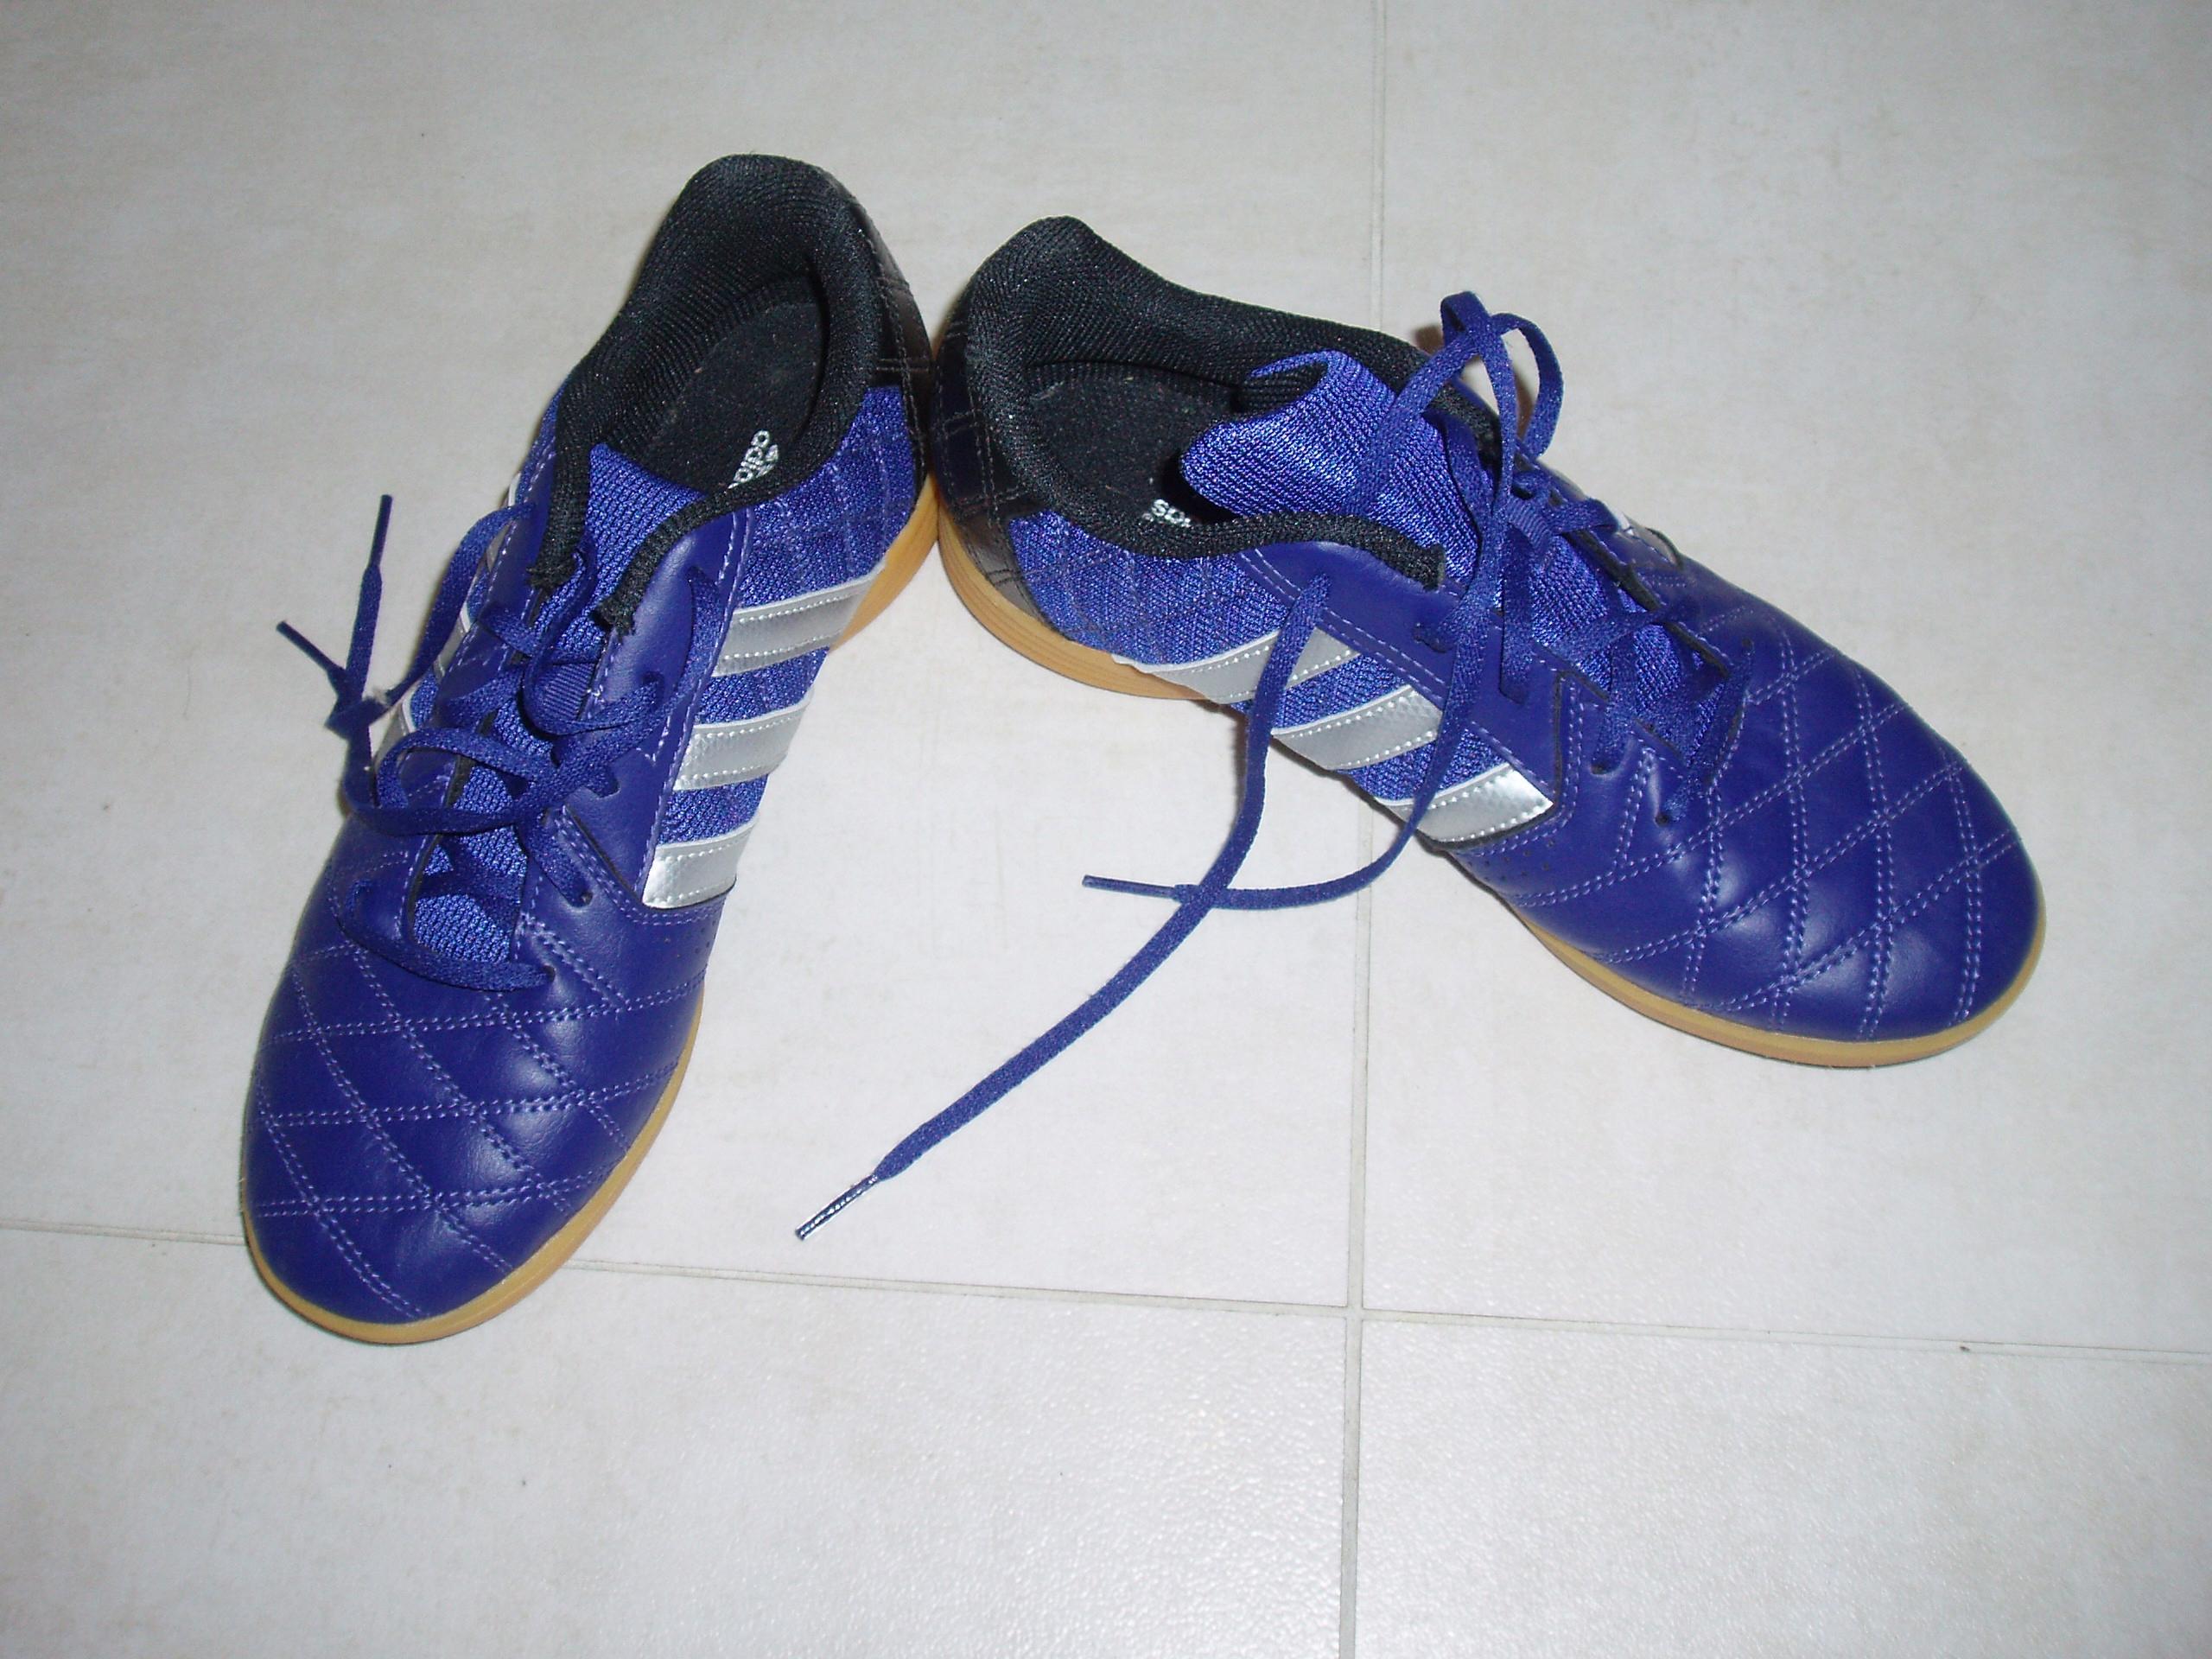 59a967f5ad8b5 ADIDAS nowe markowe buty chłopięce r. 38 - 7481710118 - oficjalne ...